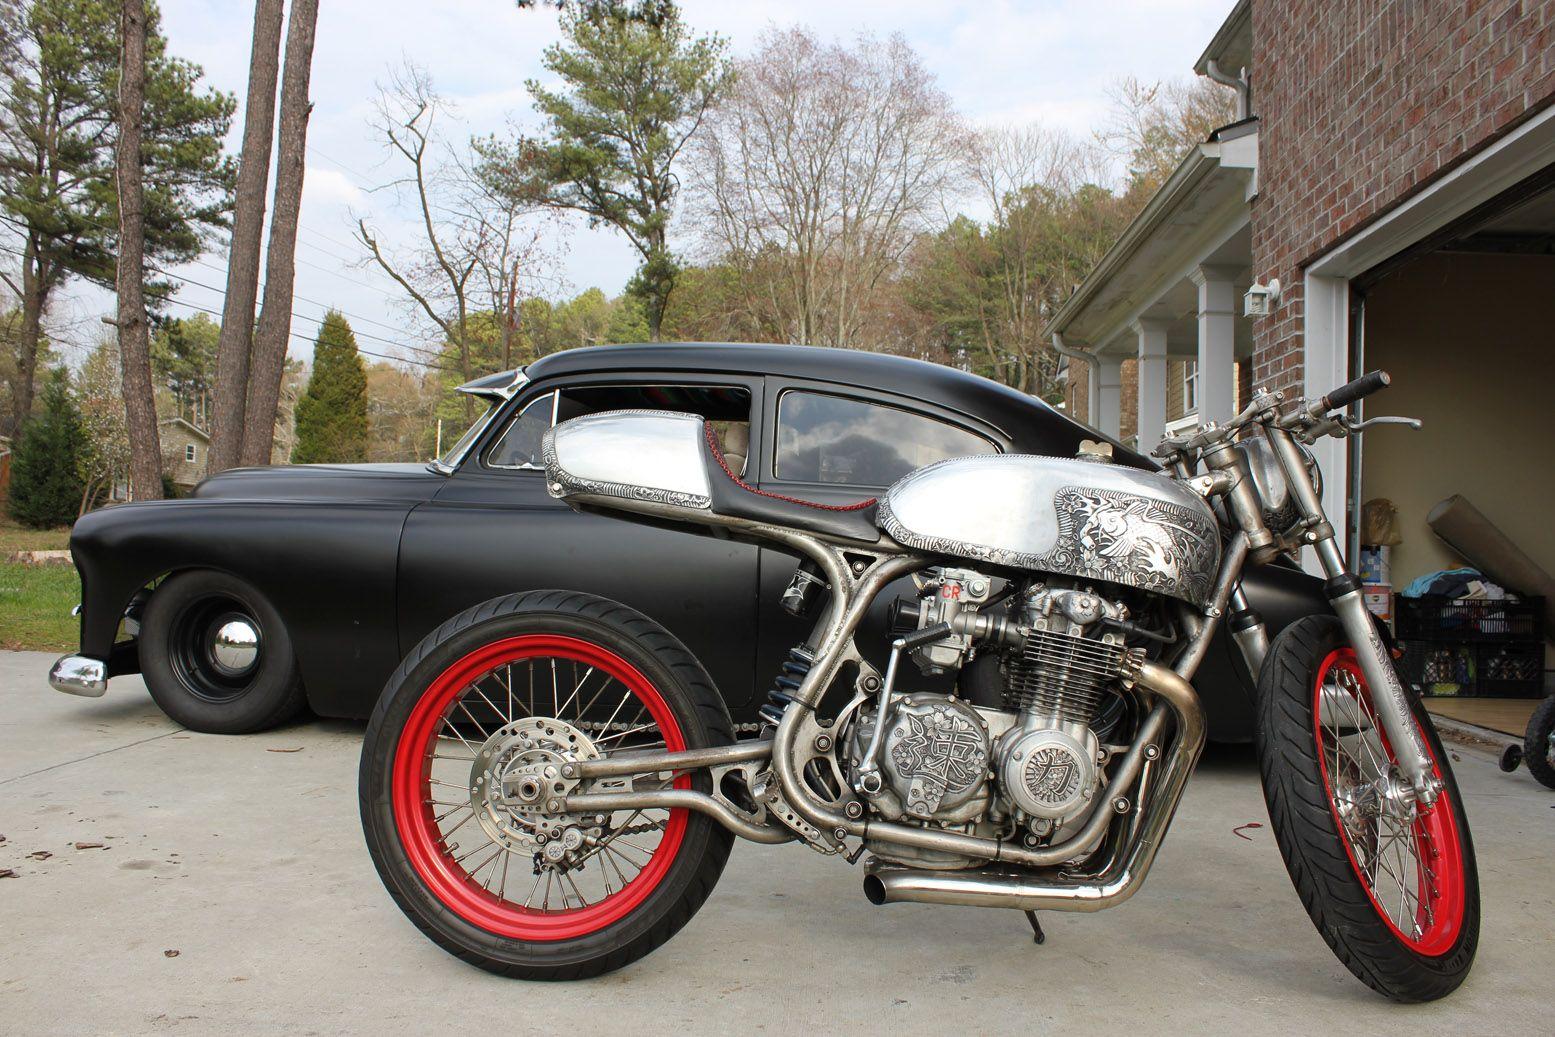 Bryan Fuller Custom Cafe Racer Things I Love Pinterest Ducati St2 Fuse Box Location